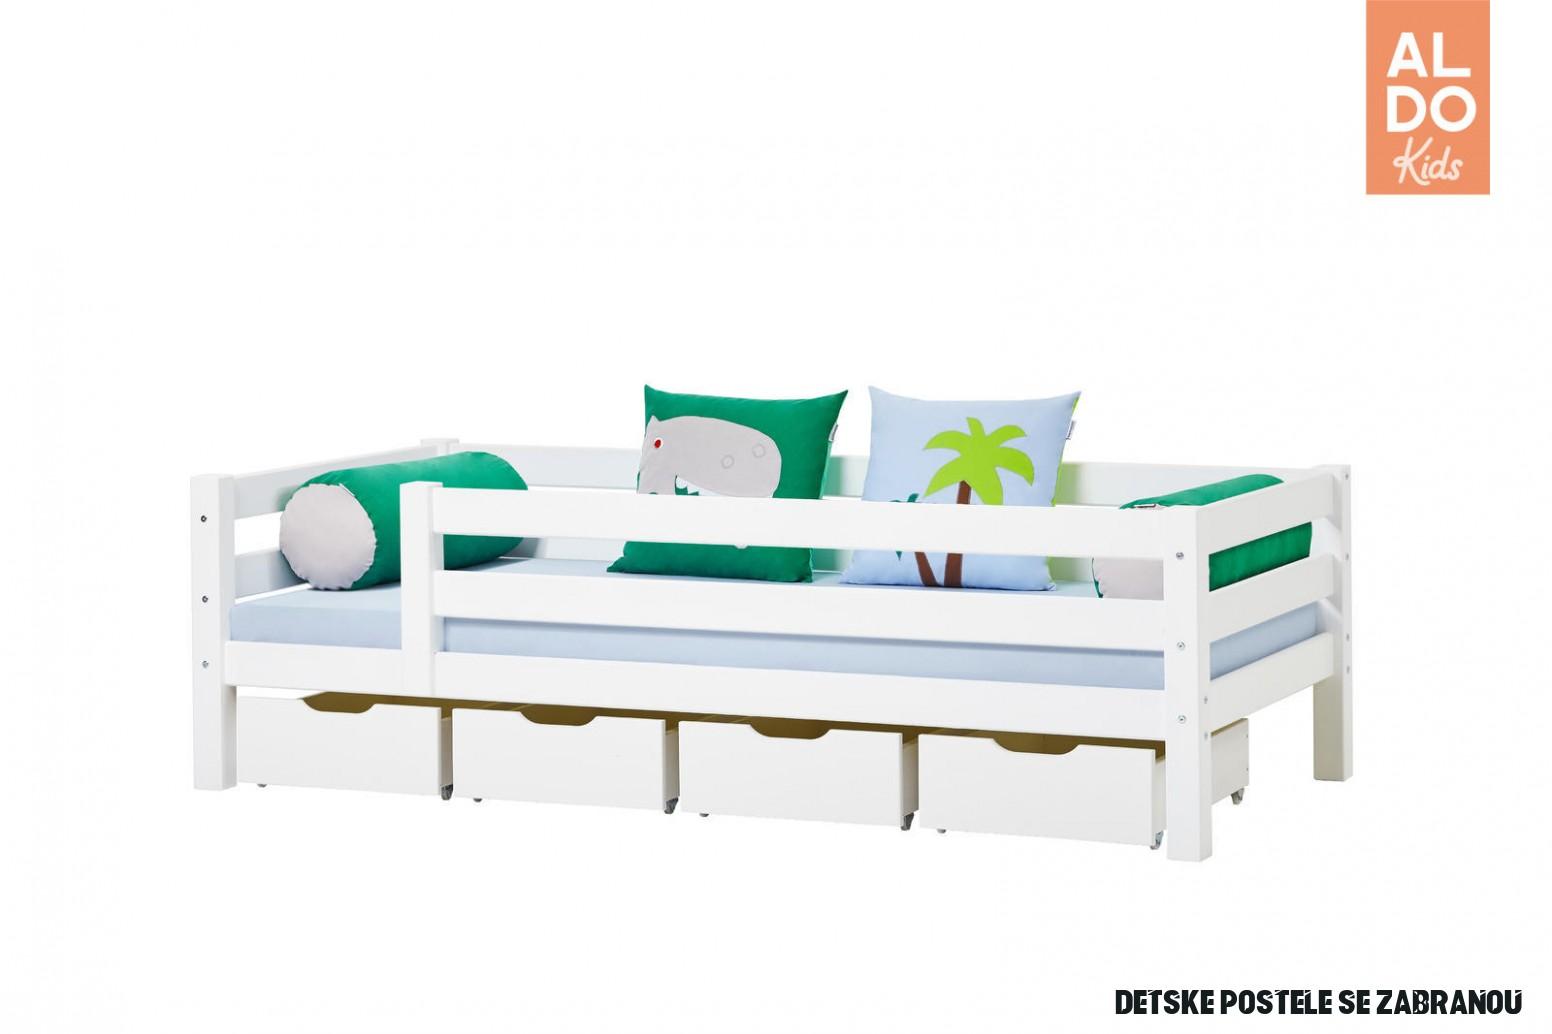 Dětská postel se zábranou Dinosaurus I - čtyři šuplíky